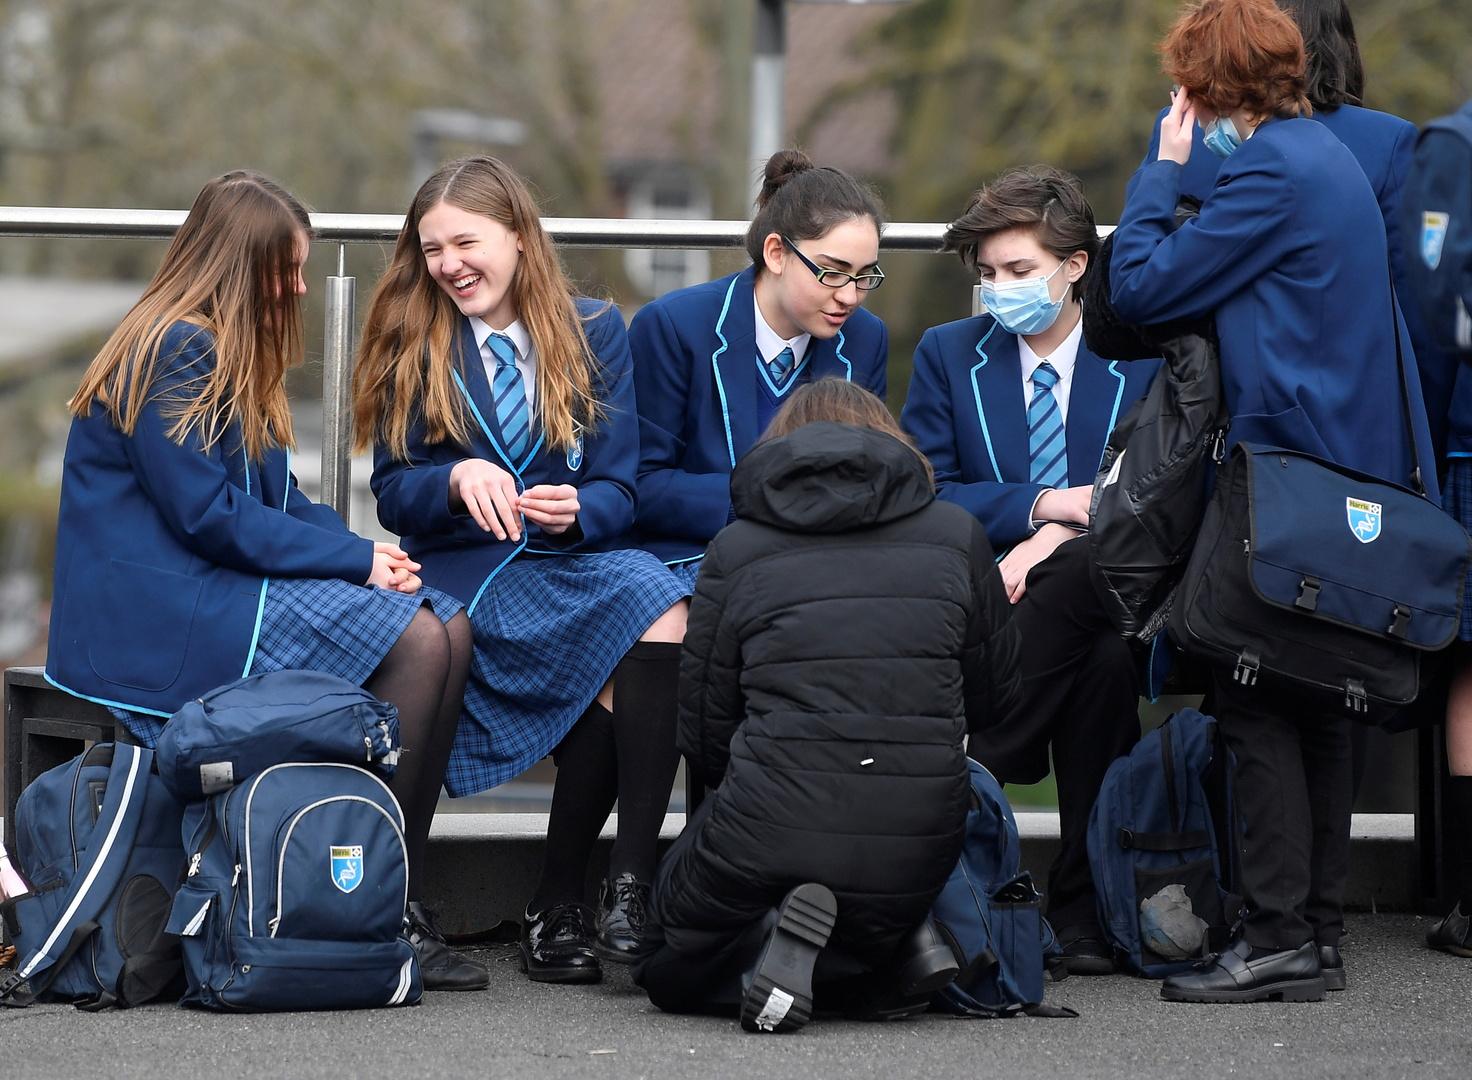 بريطانيا.. صدمة بالحكومة بعد أنباء عن انتهاكات جنسية في المدارس